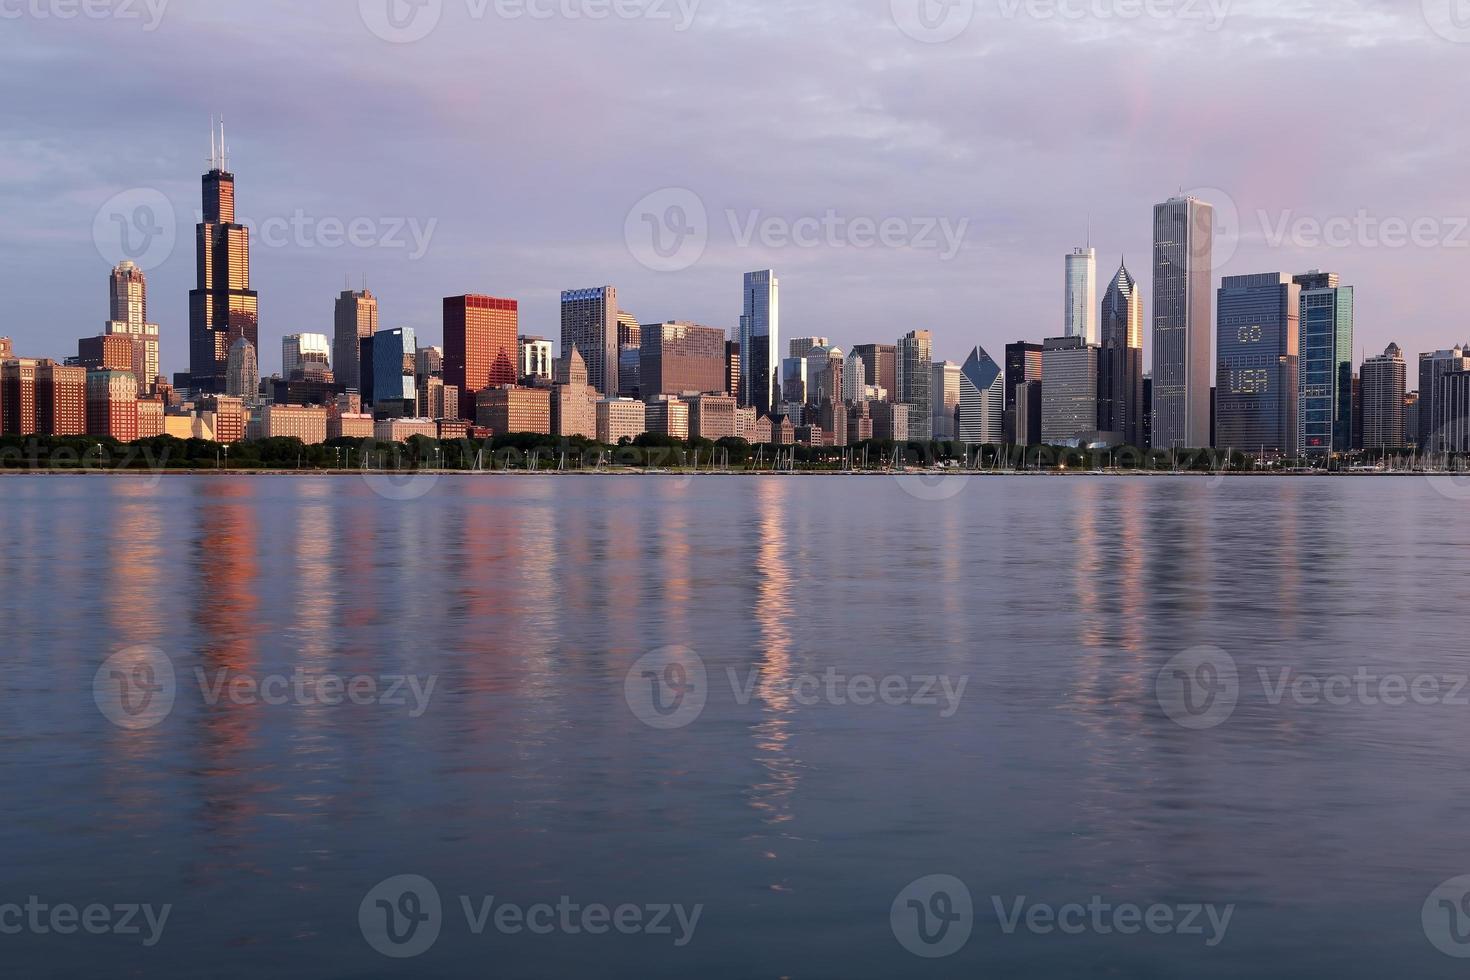 ochtend uitzicht op de skyline van chicago, illinois foto